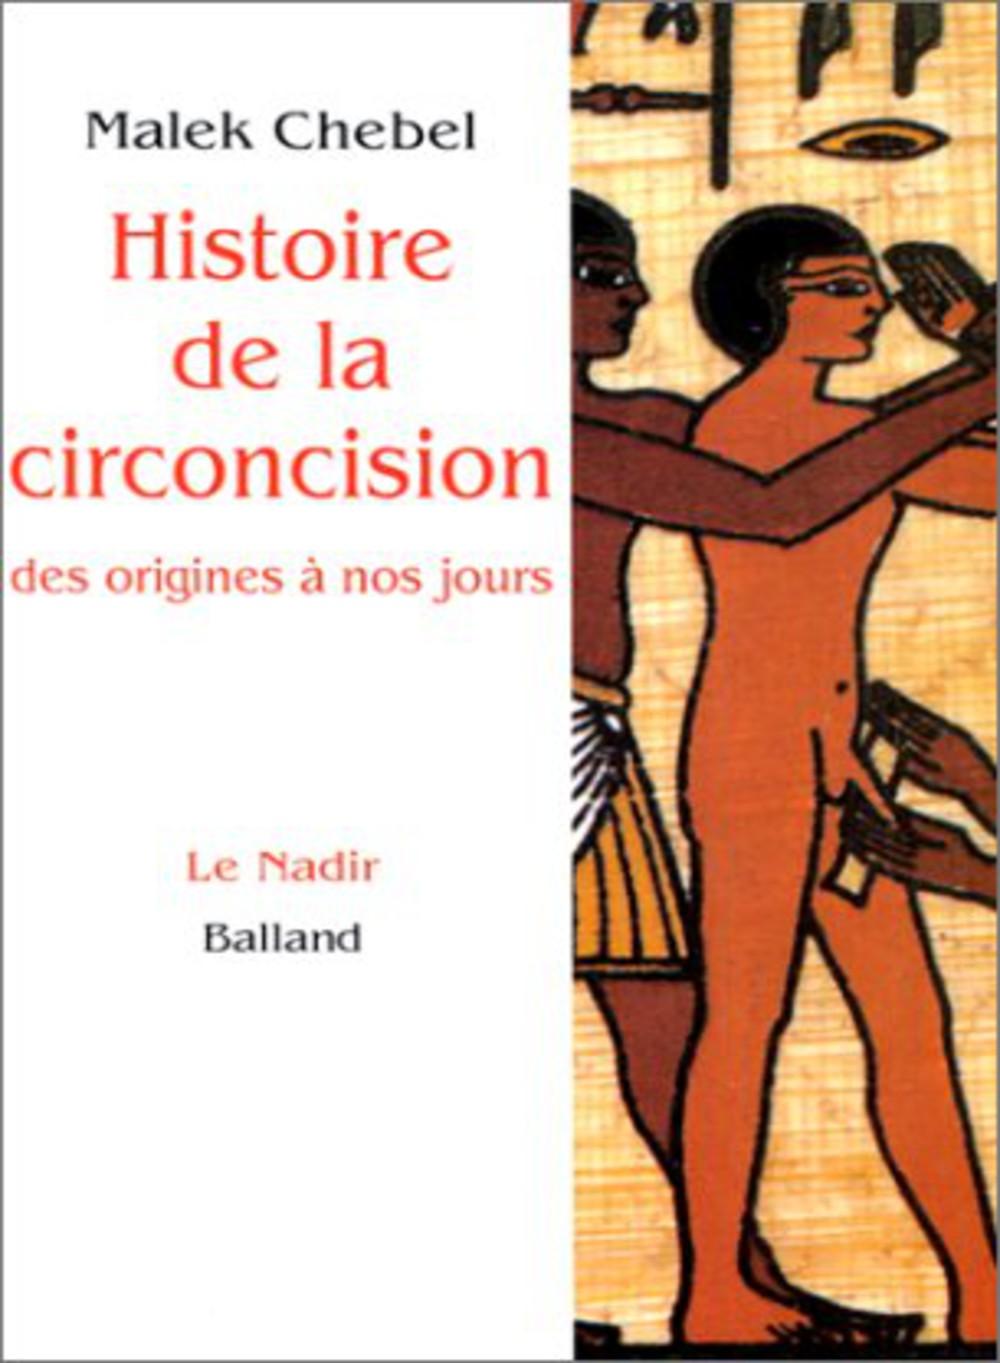 Histoire_de_la_circoncision_des_origines_a_nos_jours.jpg